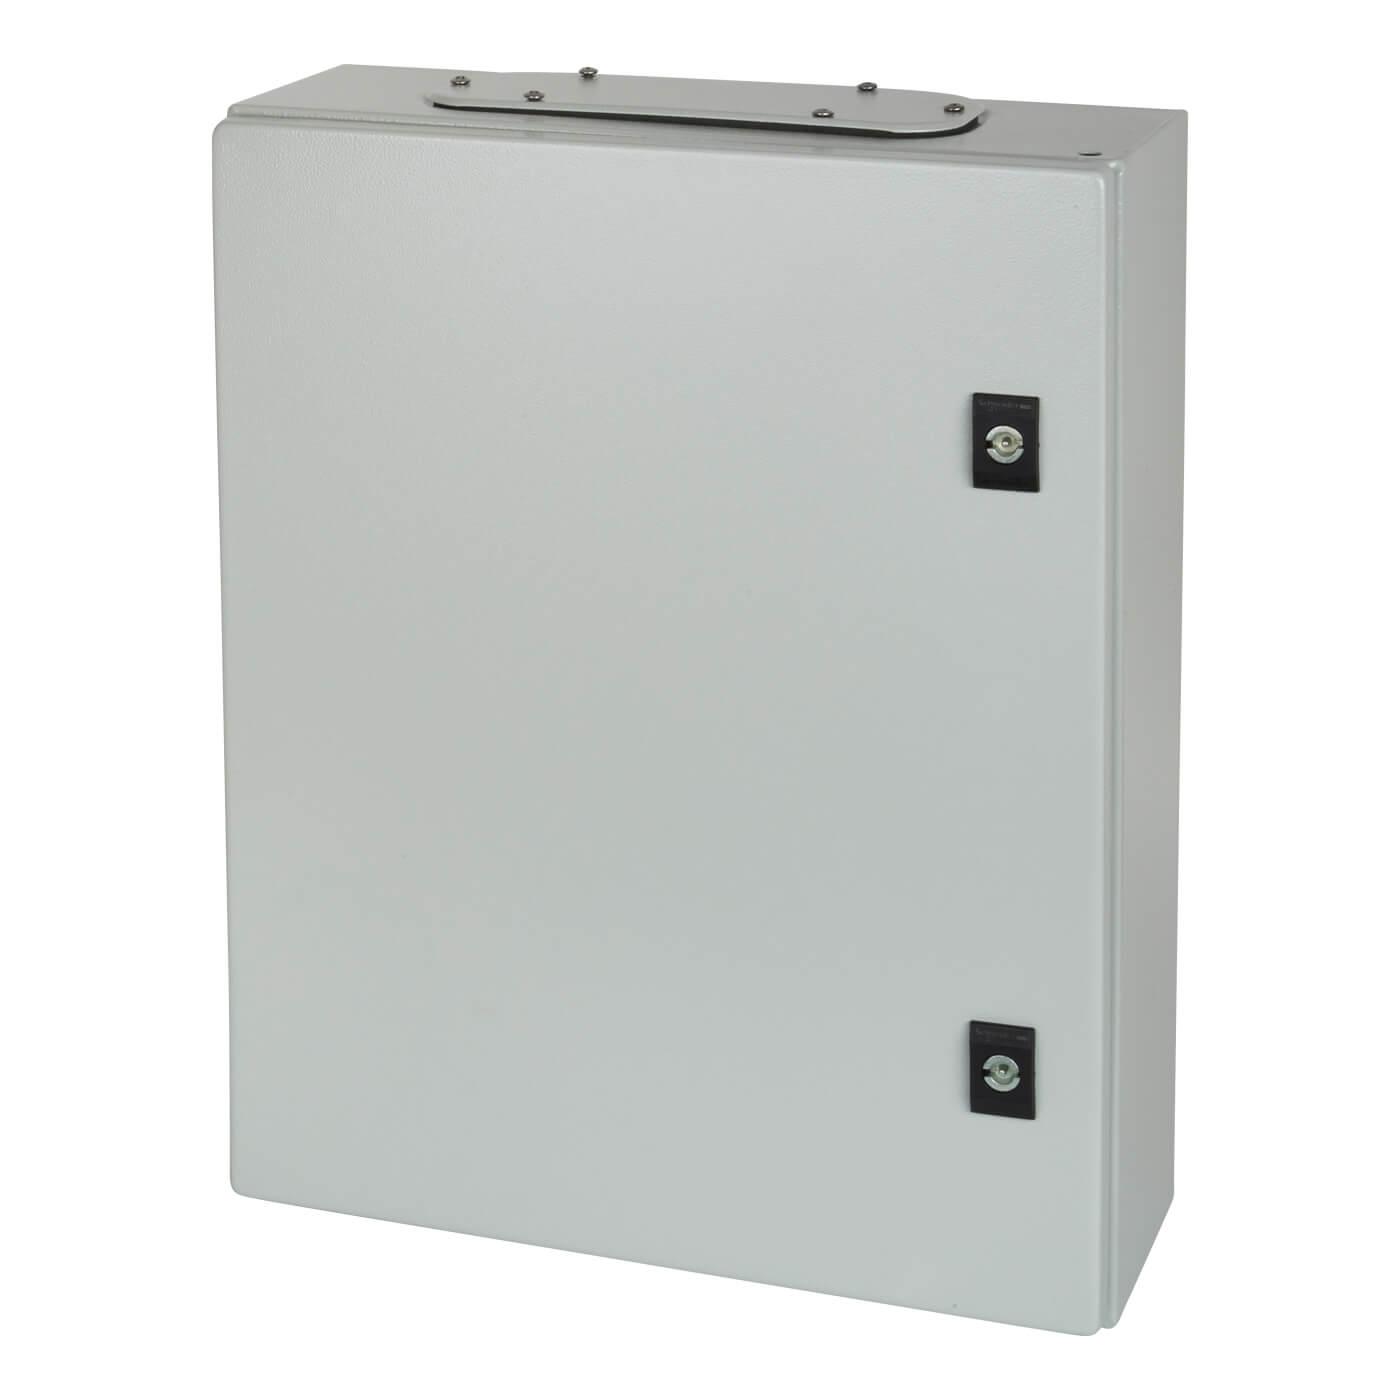 Schneider Metal Enclosure 300 X 300 X 150mm